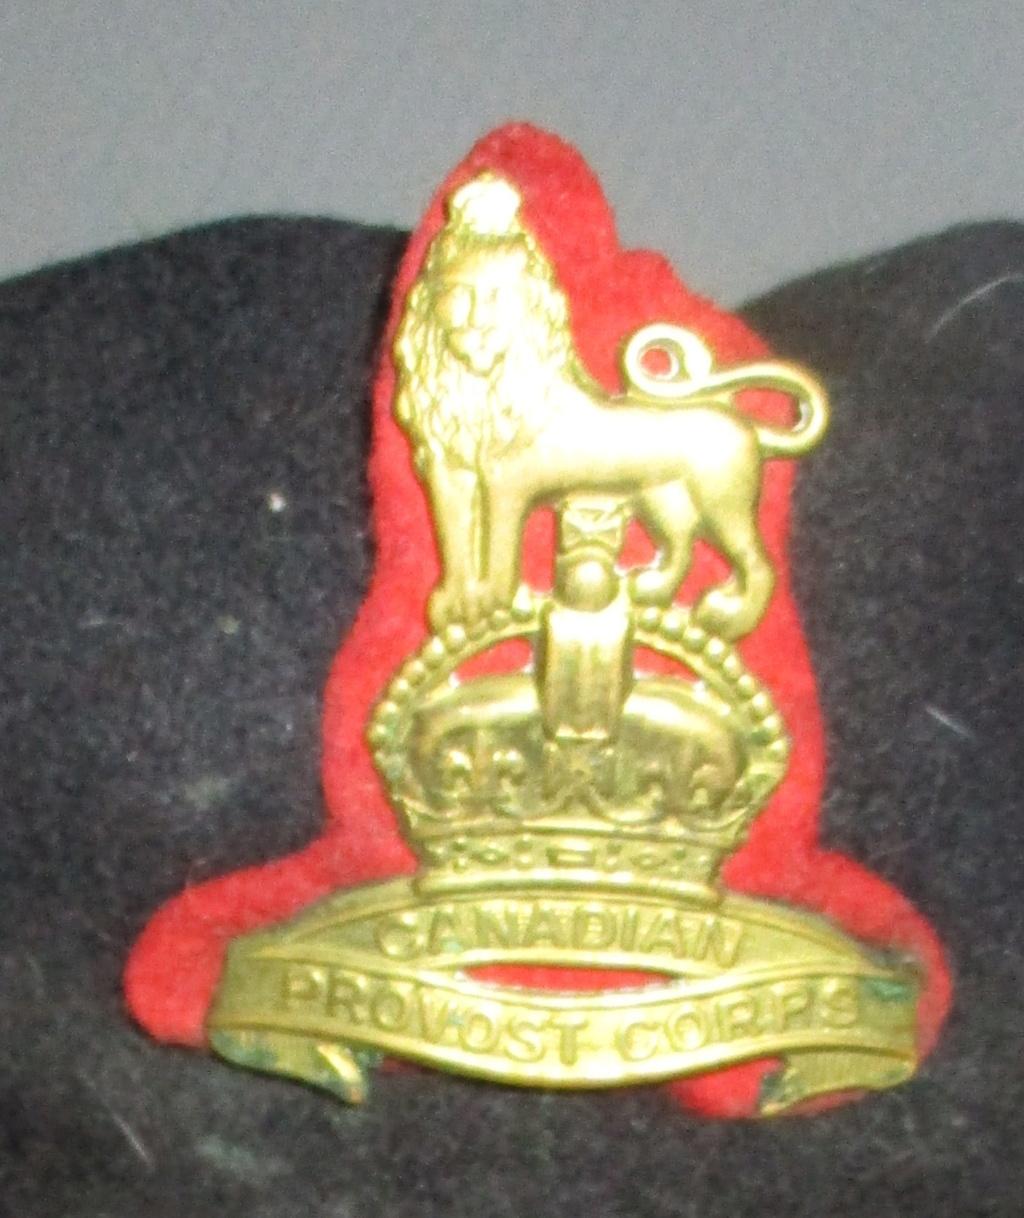 Les uniformes de ville et/ou de permission 112